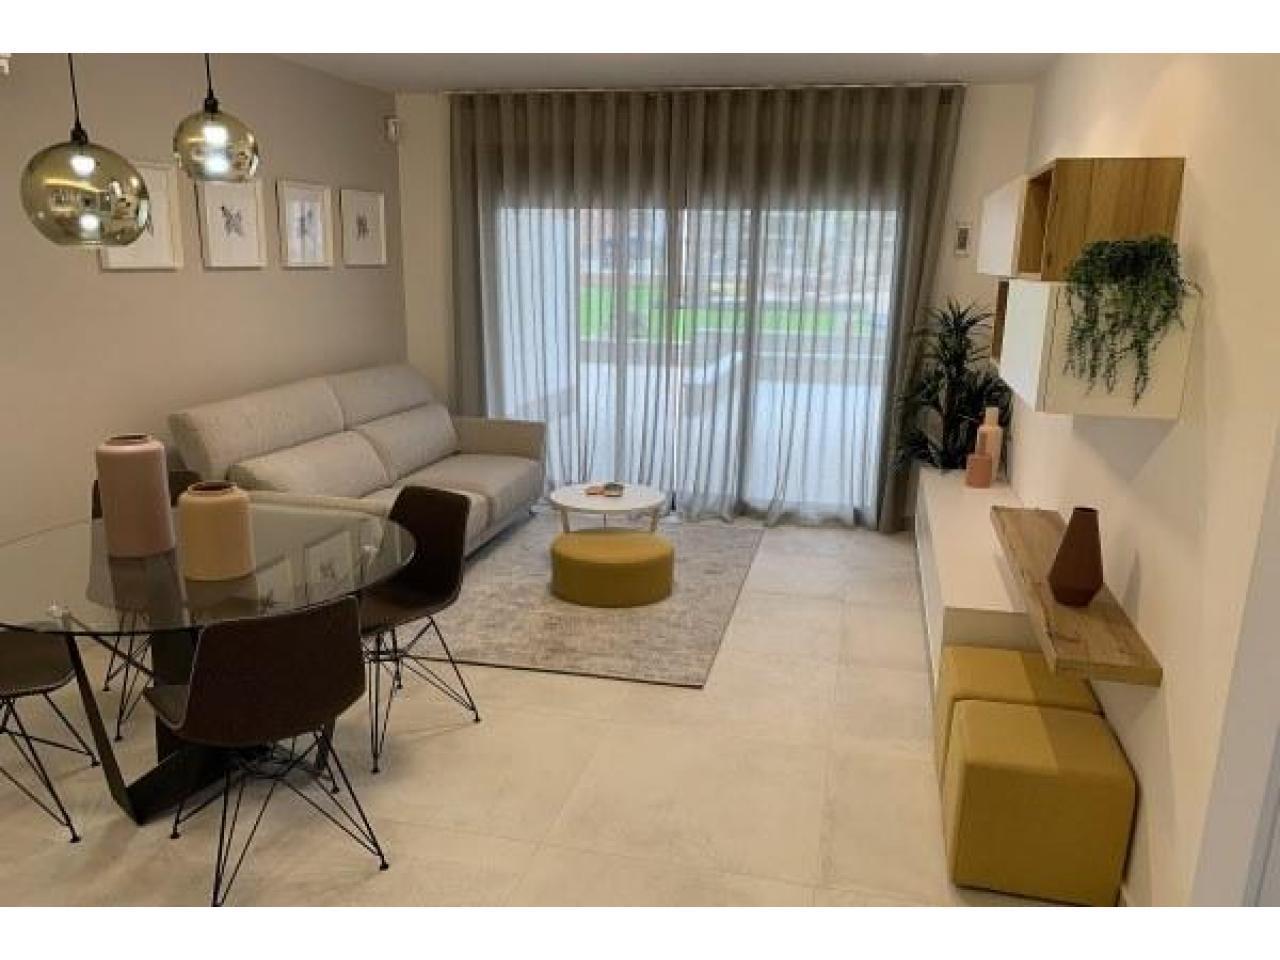 Недвижимость в Испании, Новые квартиры от застройщика в Гуардамар,Коста Бланка,Испания - 2